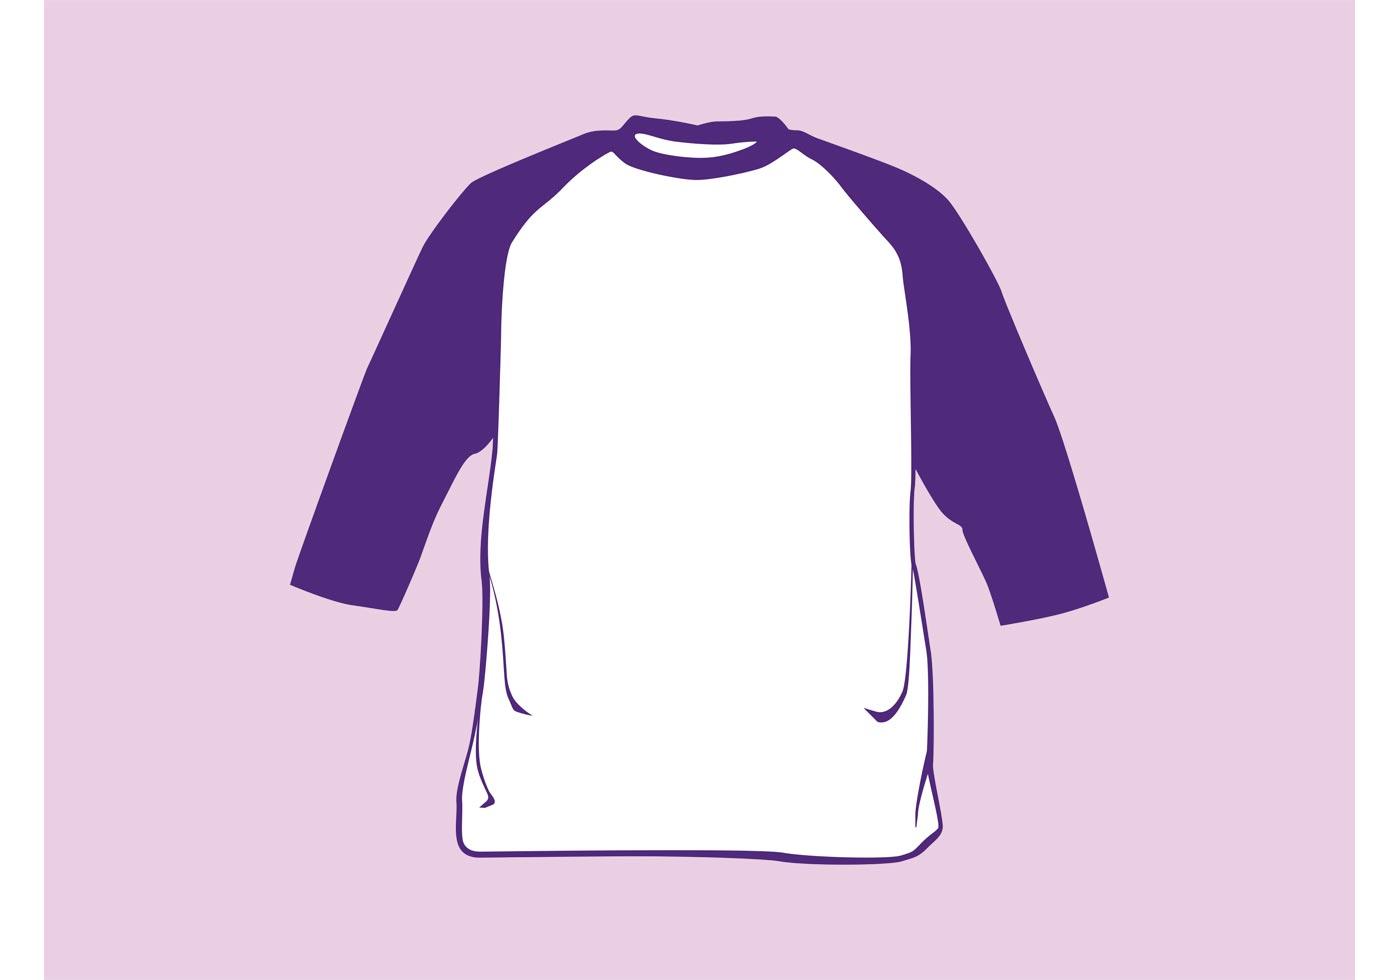 Vector t shirt download free vector art stock graphics images for T shirt vector free download